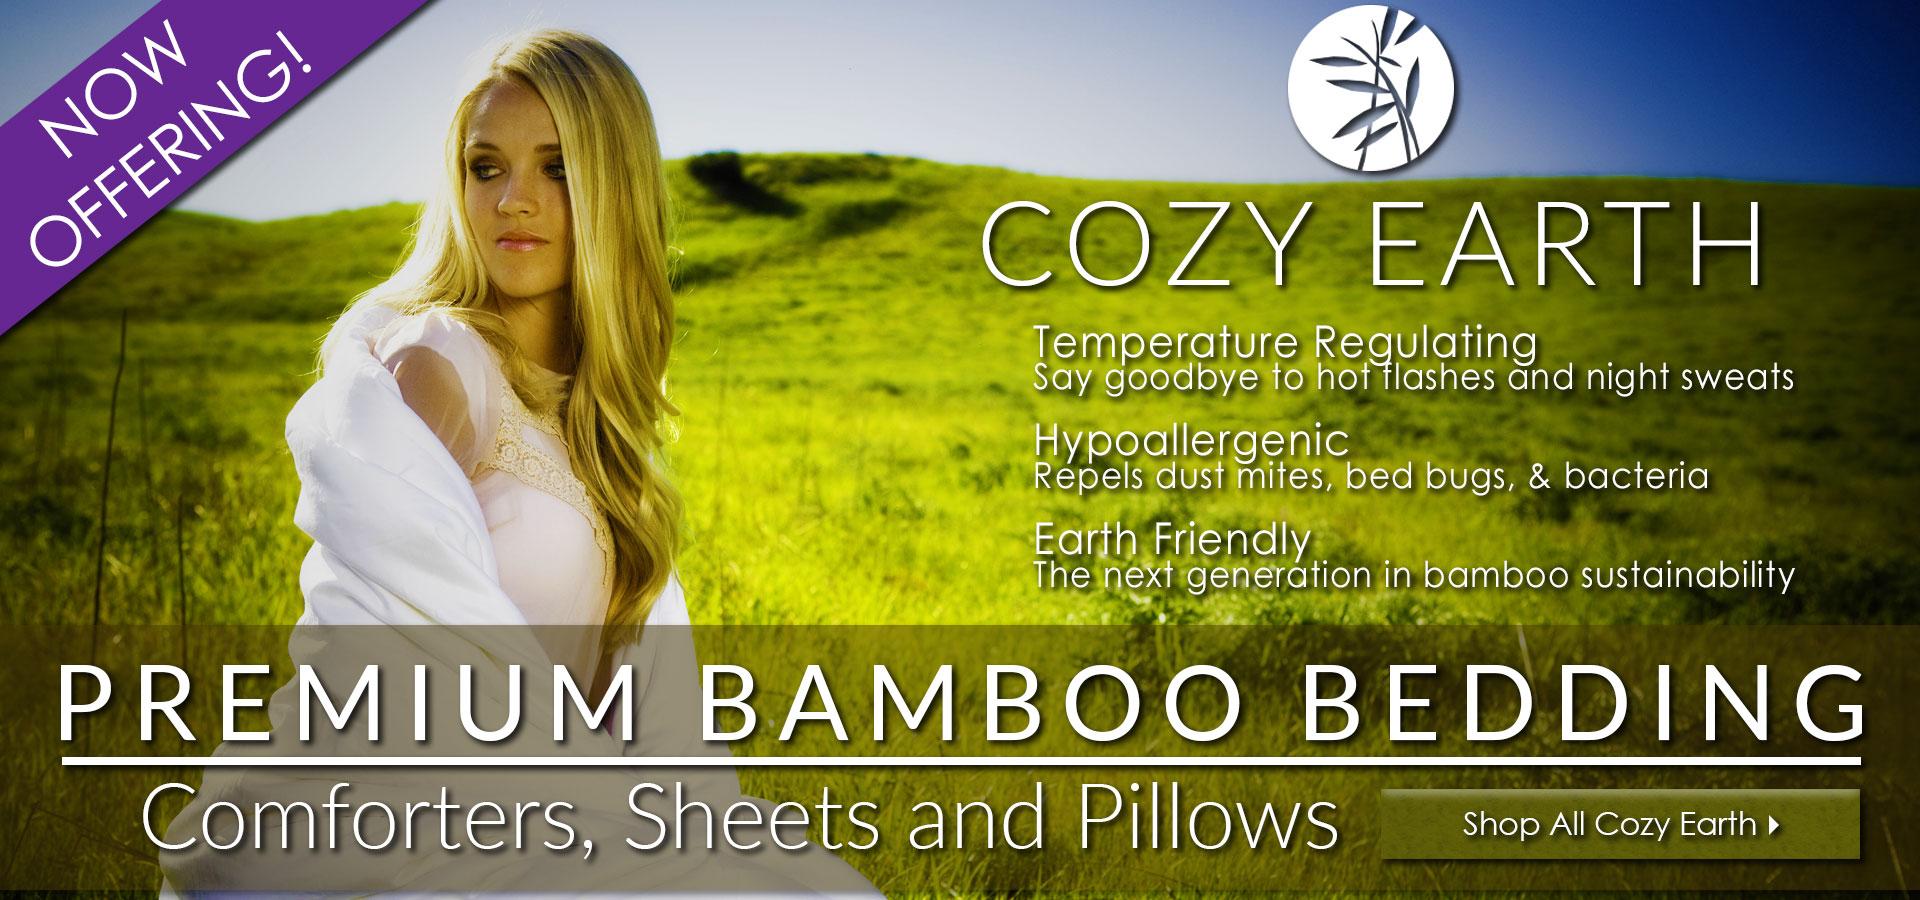 Cozy Earth Bamboo Bedding